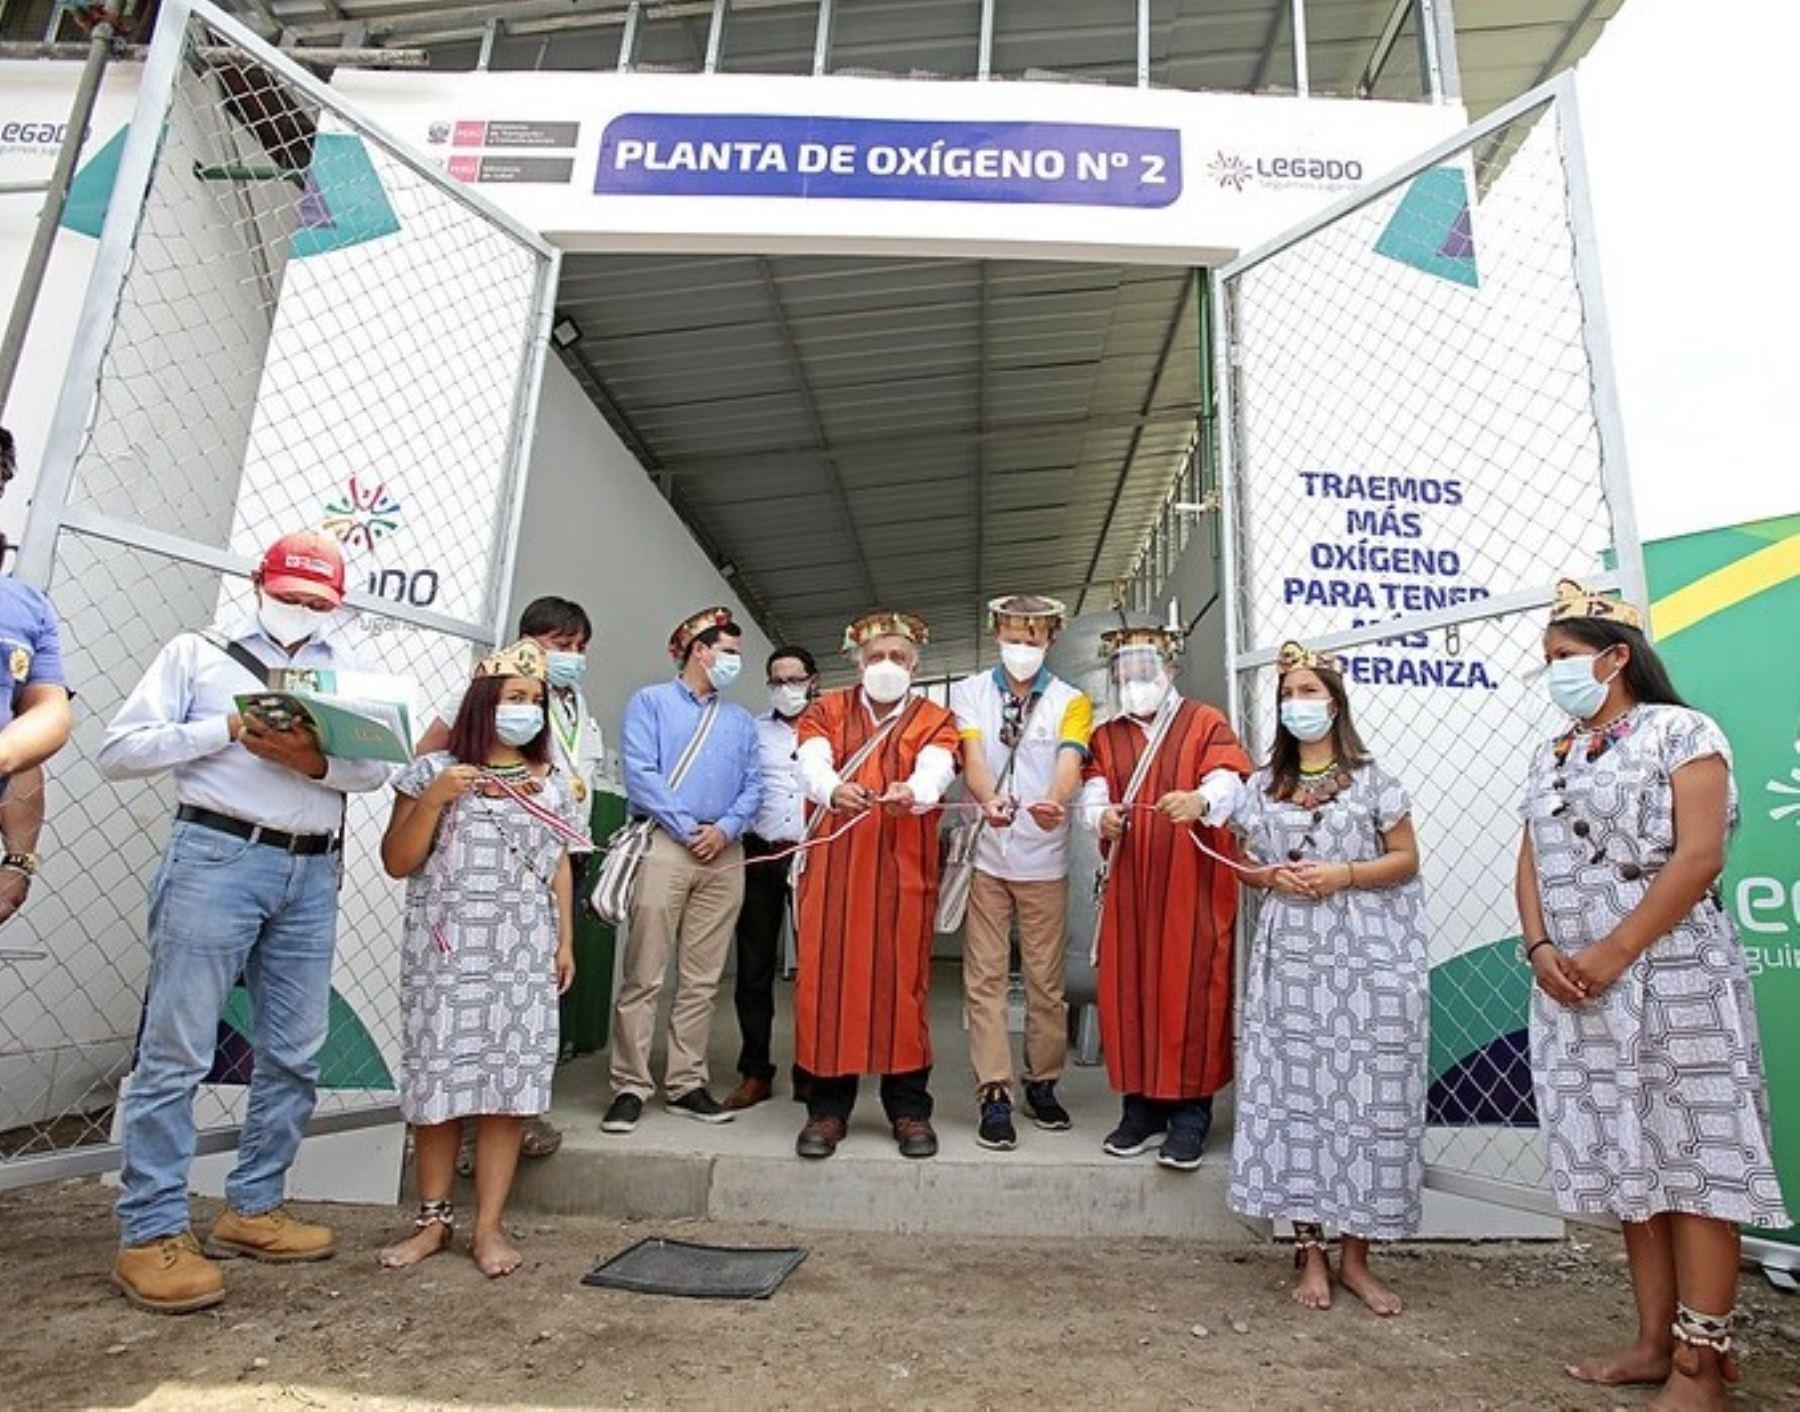 Con la presencia del titular del MTC, Eduardo González, el Proyecto Legado puso en marcha segunda planta de oxígeno para pacientes covid-19 en Pichanaqui, en Junín. ANDINA/Difusión